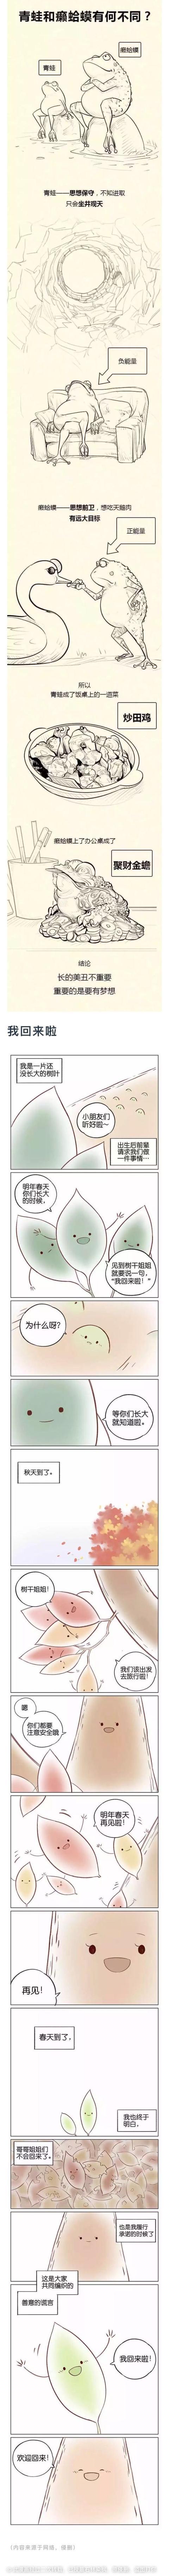 癞蛤蟆与青蛙的区别_韩晓慧_新浪博客